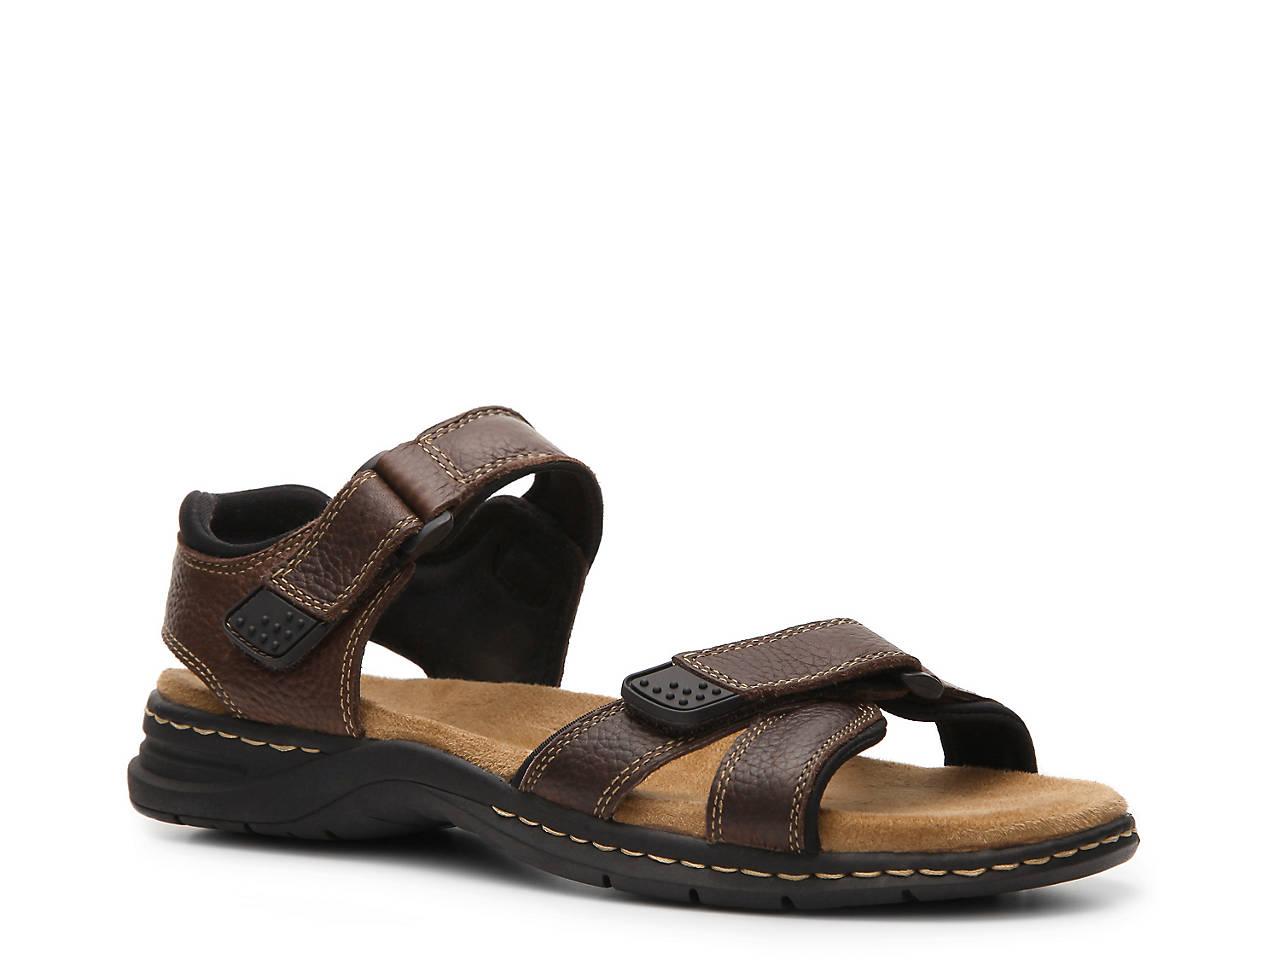 bca4764928a Dr. Scholl s Gus Sandal Men s Shoes